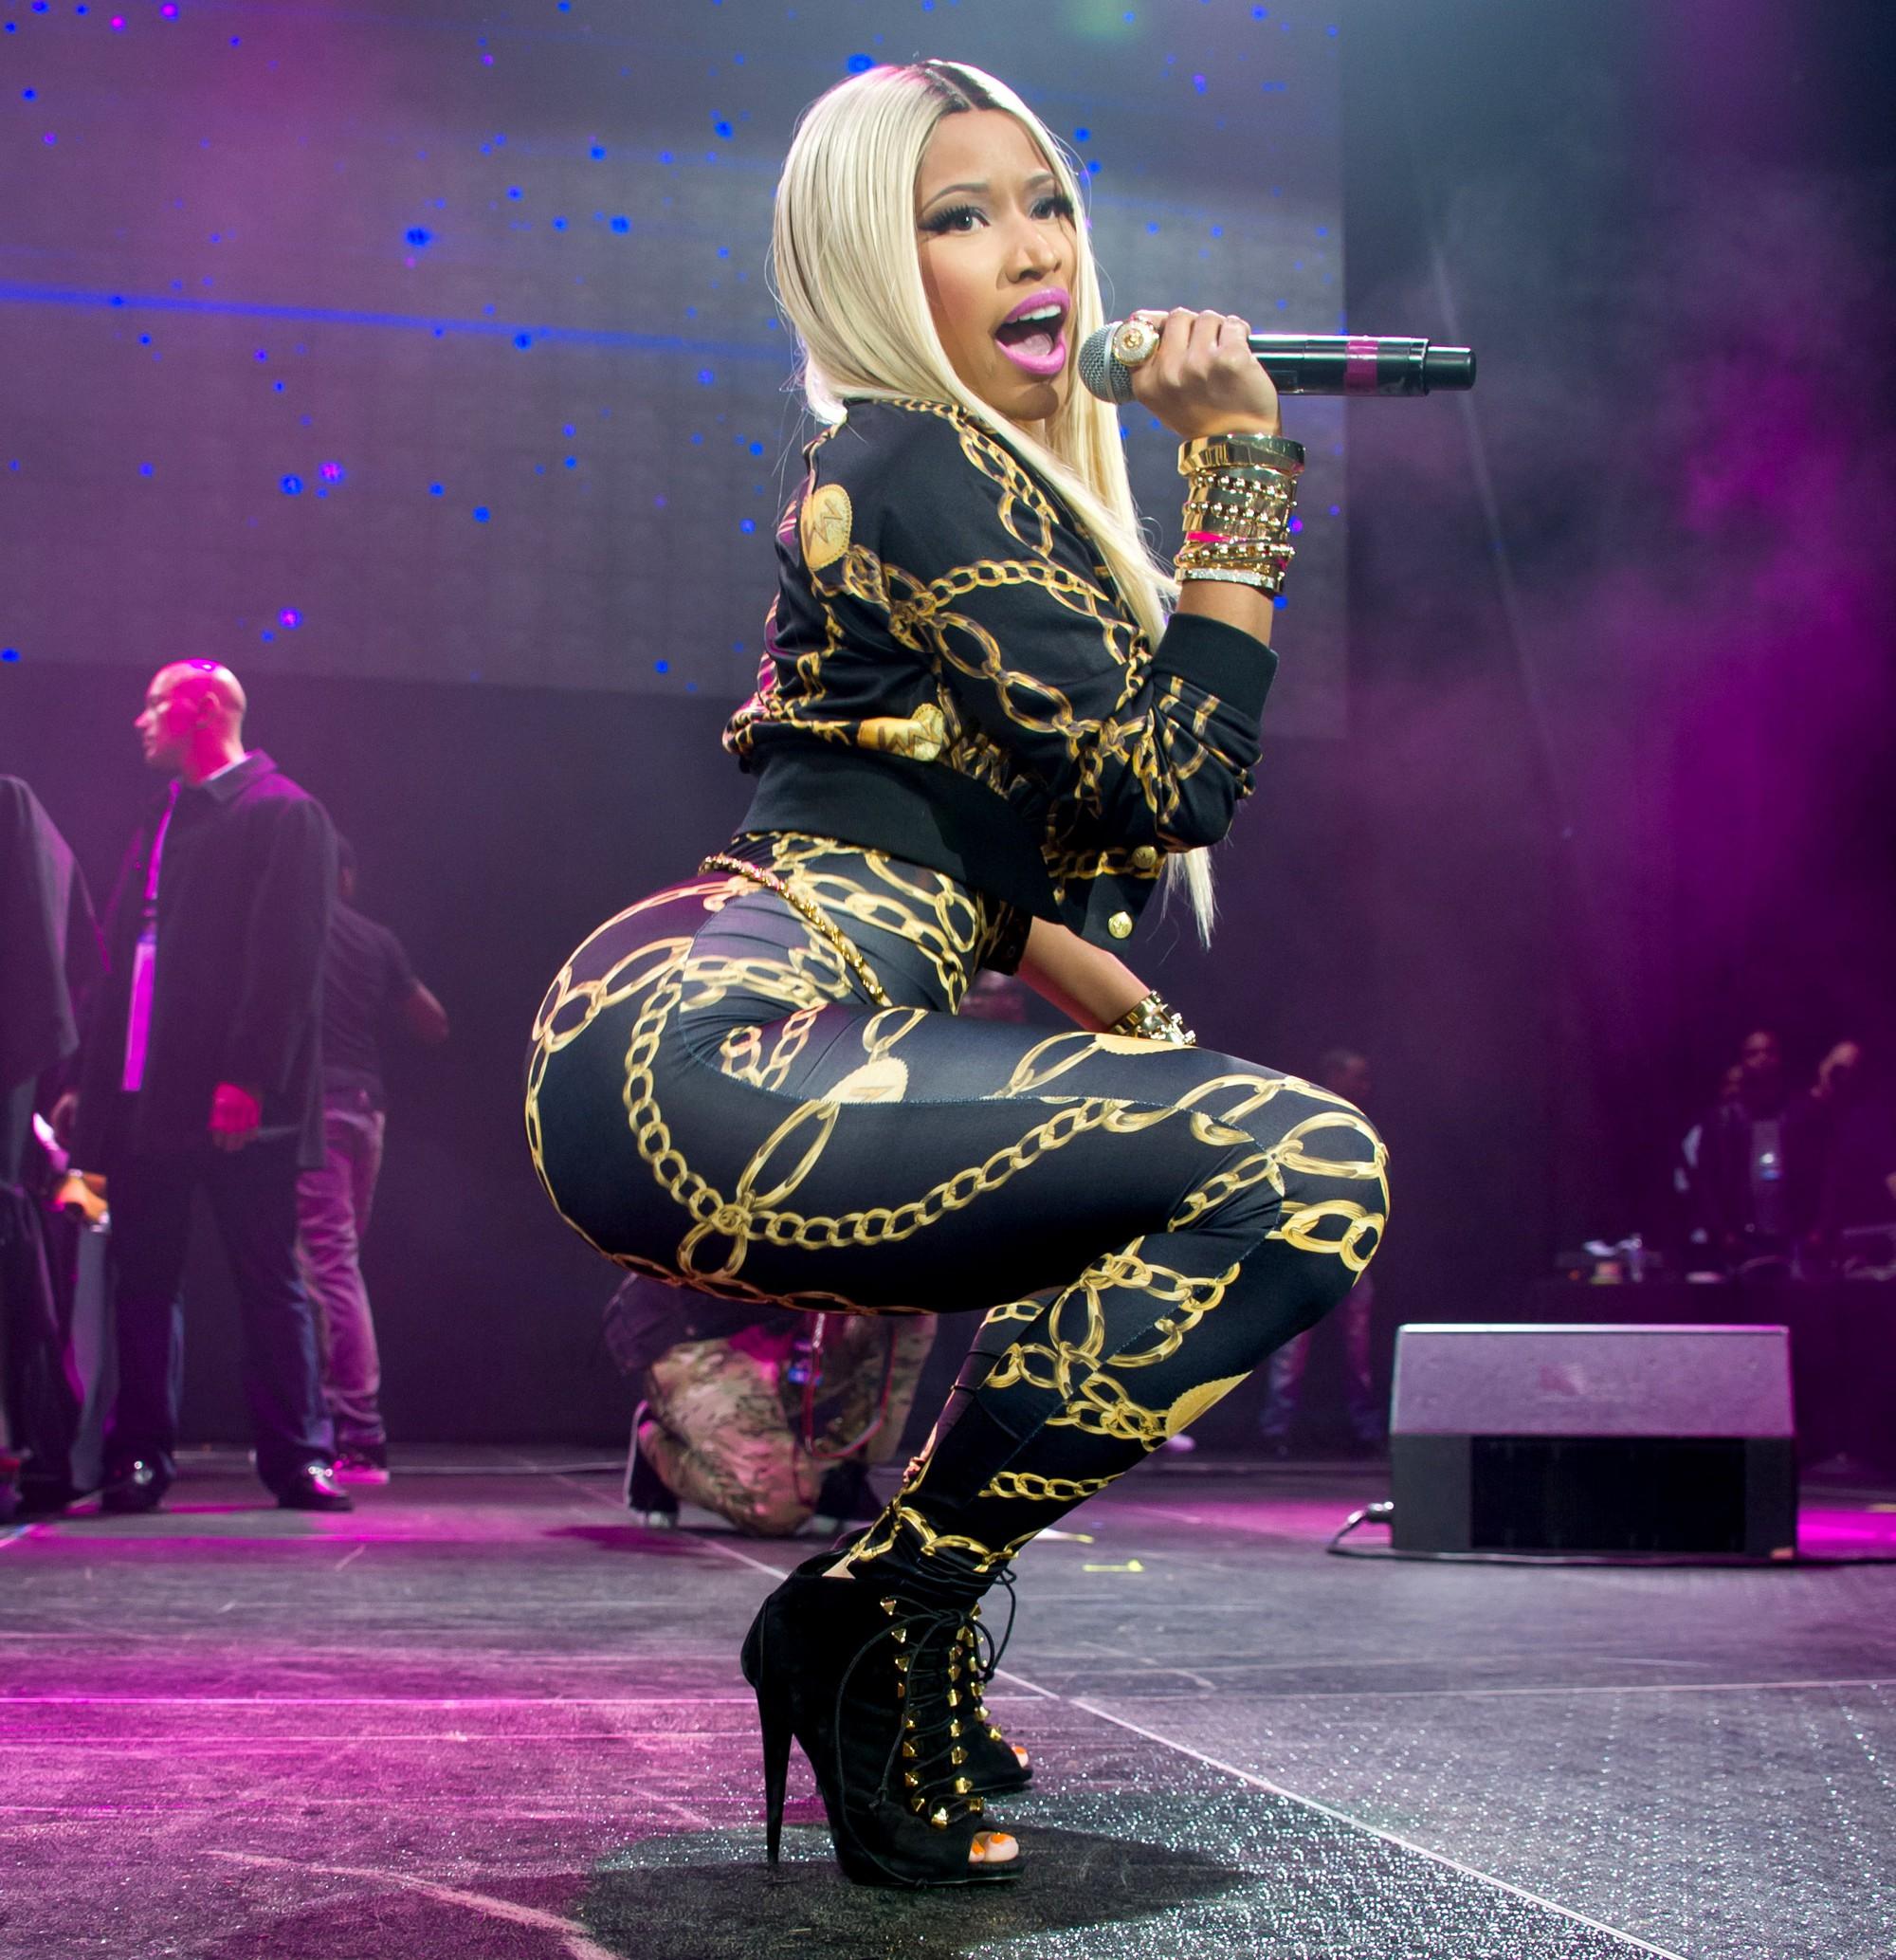 Hết vượt BTS, Black Pink tiếp tục lập thành tích khủng đánh bại cả Beyoncé và Nicki Minaj - Ảnh 3.